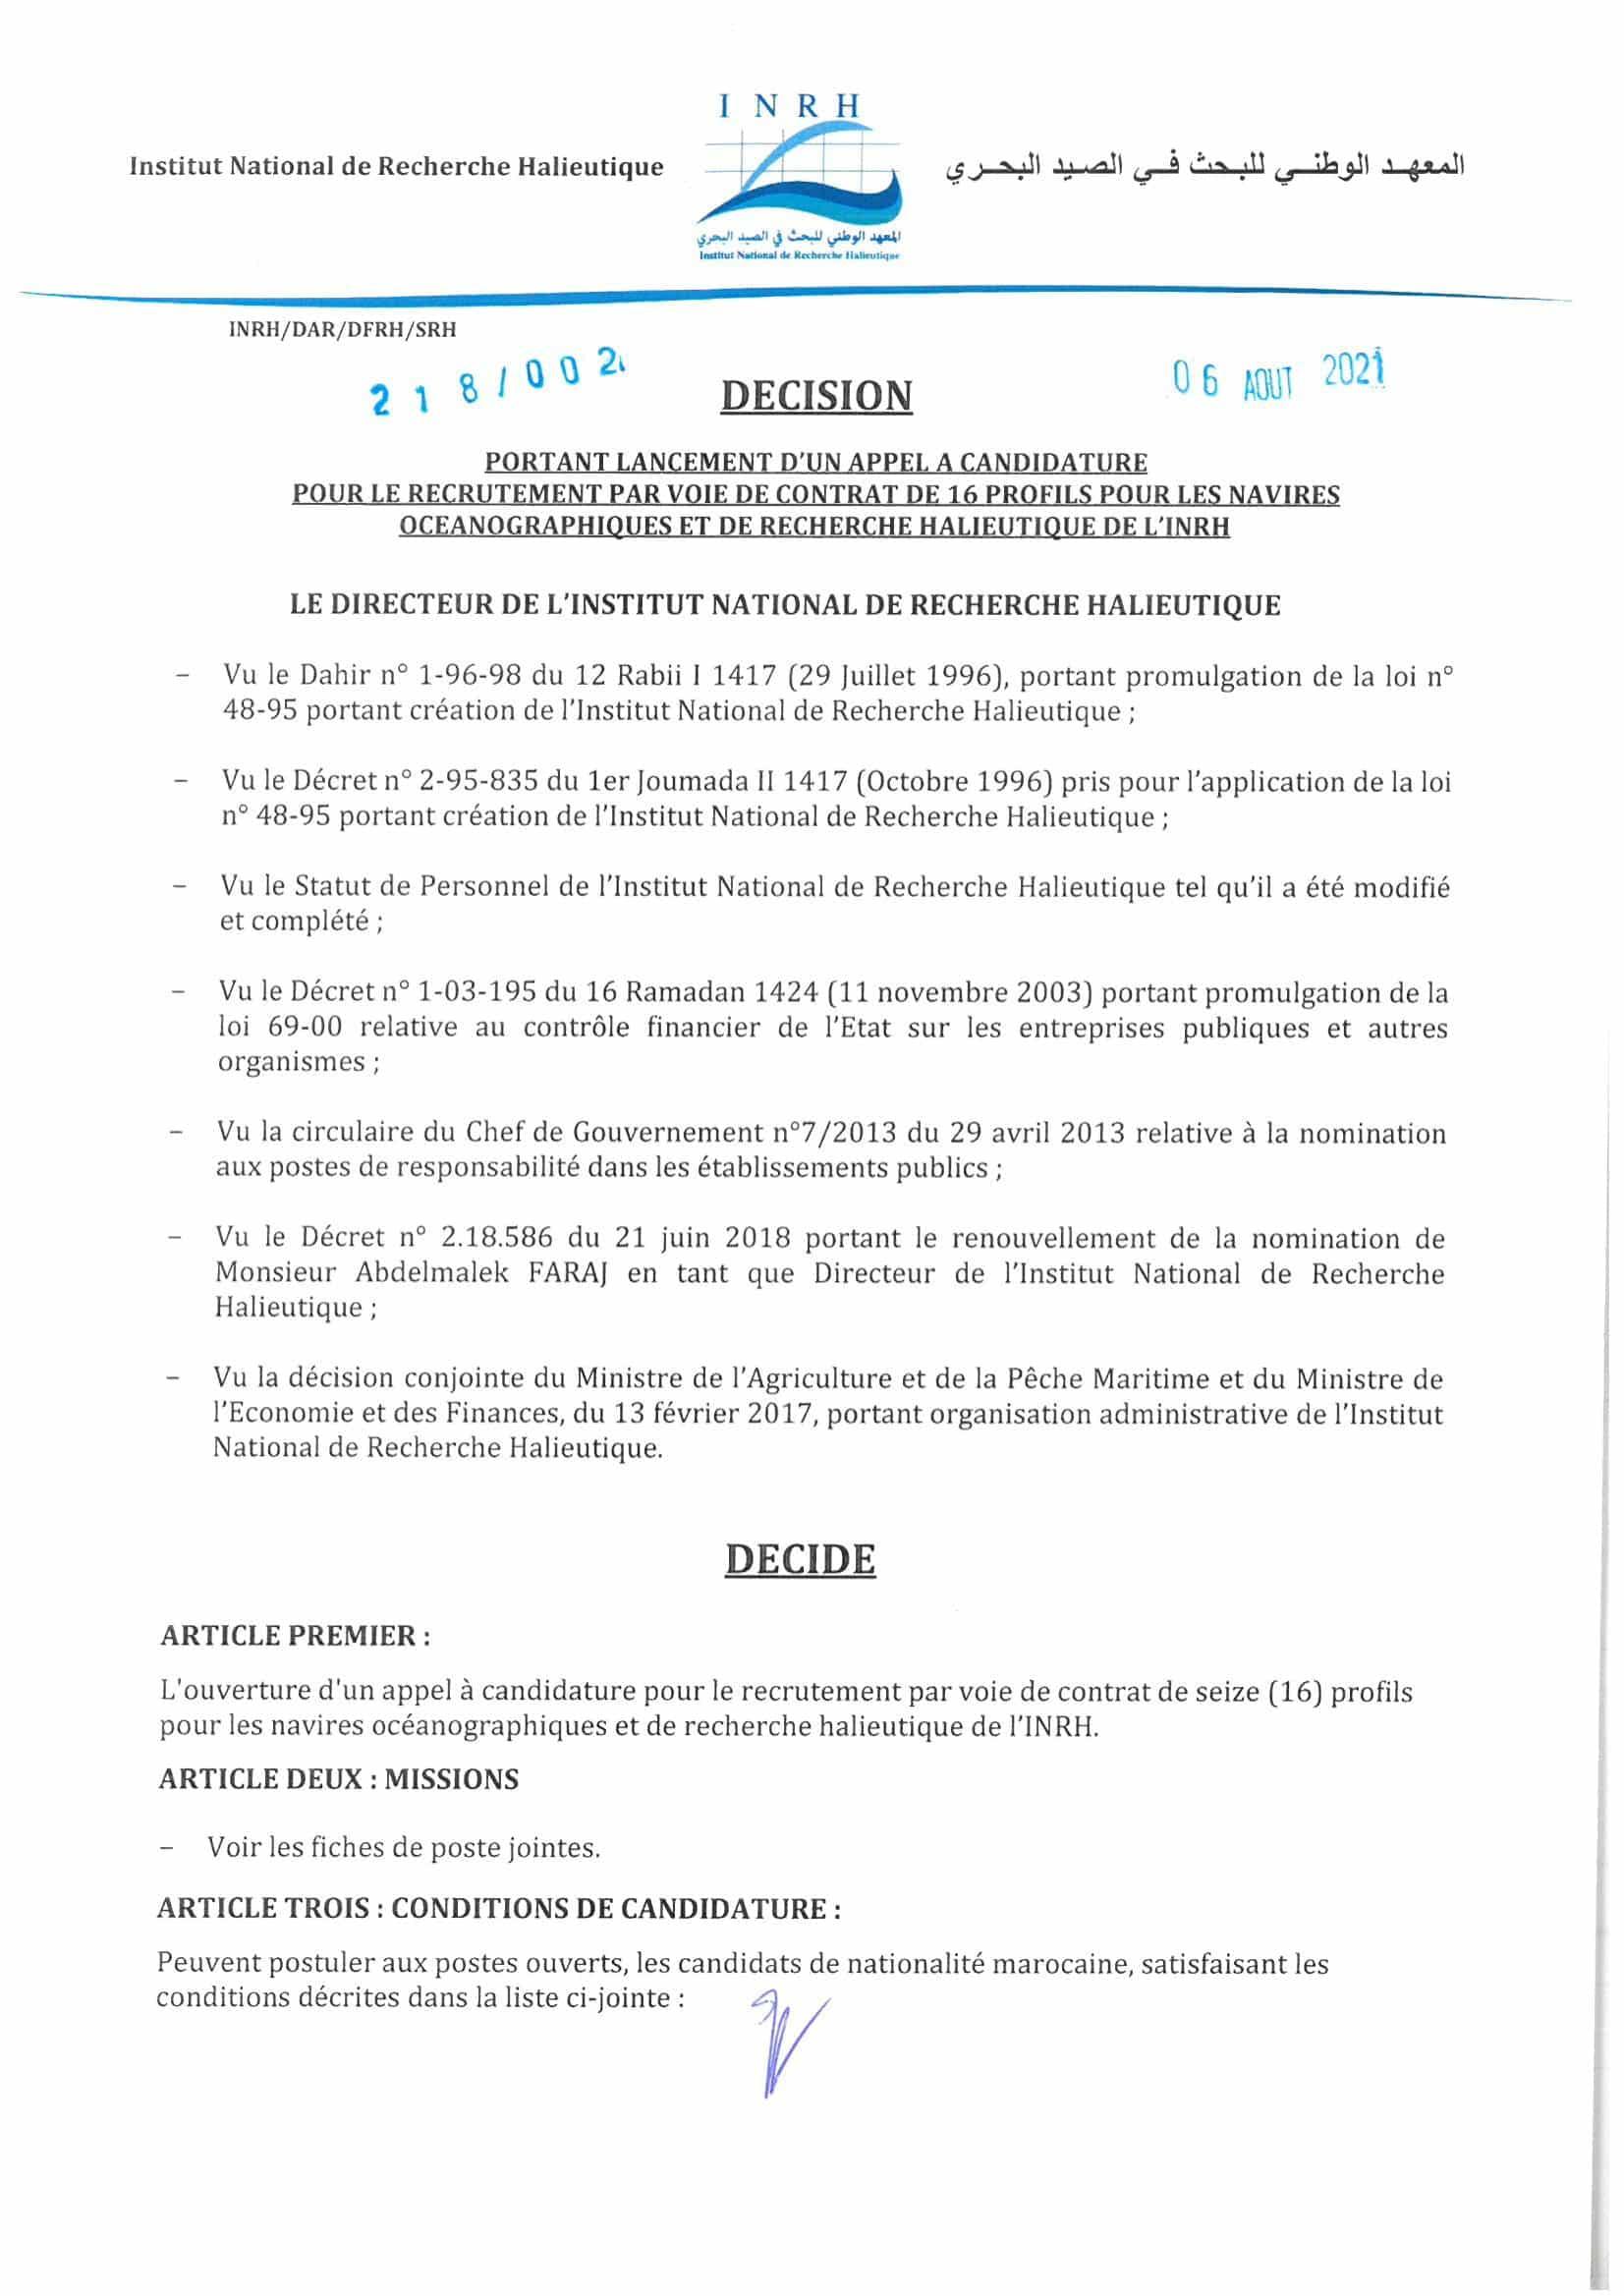 ACrecrutementparcontratN2Navigants 1 Concours Institut National de Recherche Halieutique INRH 2021 (16 Postes)